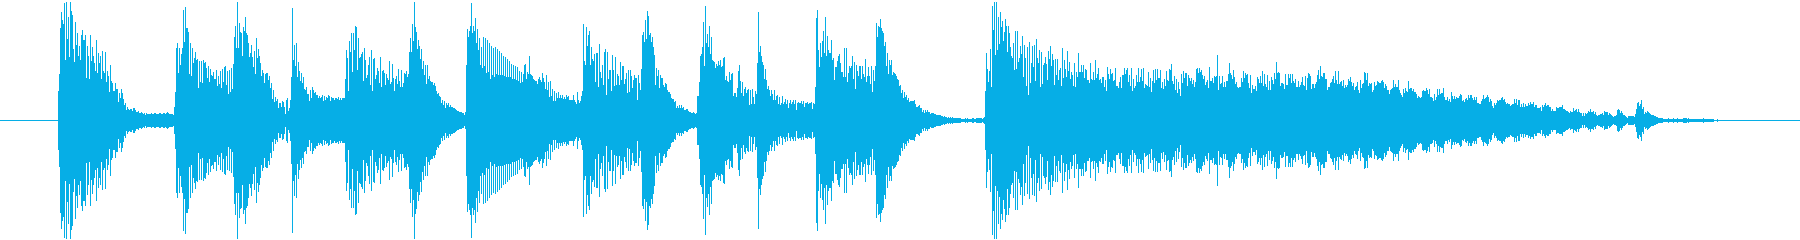 ジングル(ボサノヴァ)の再生済みの波形